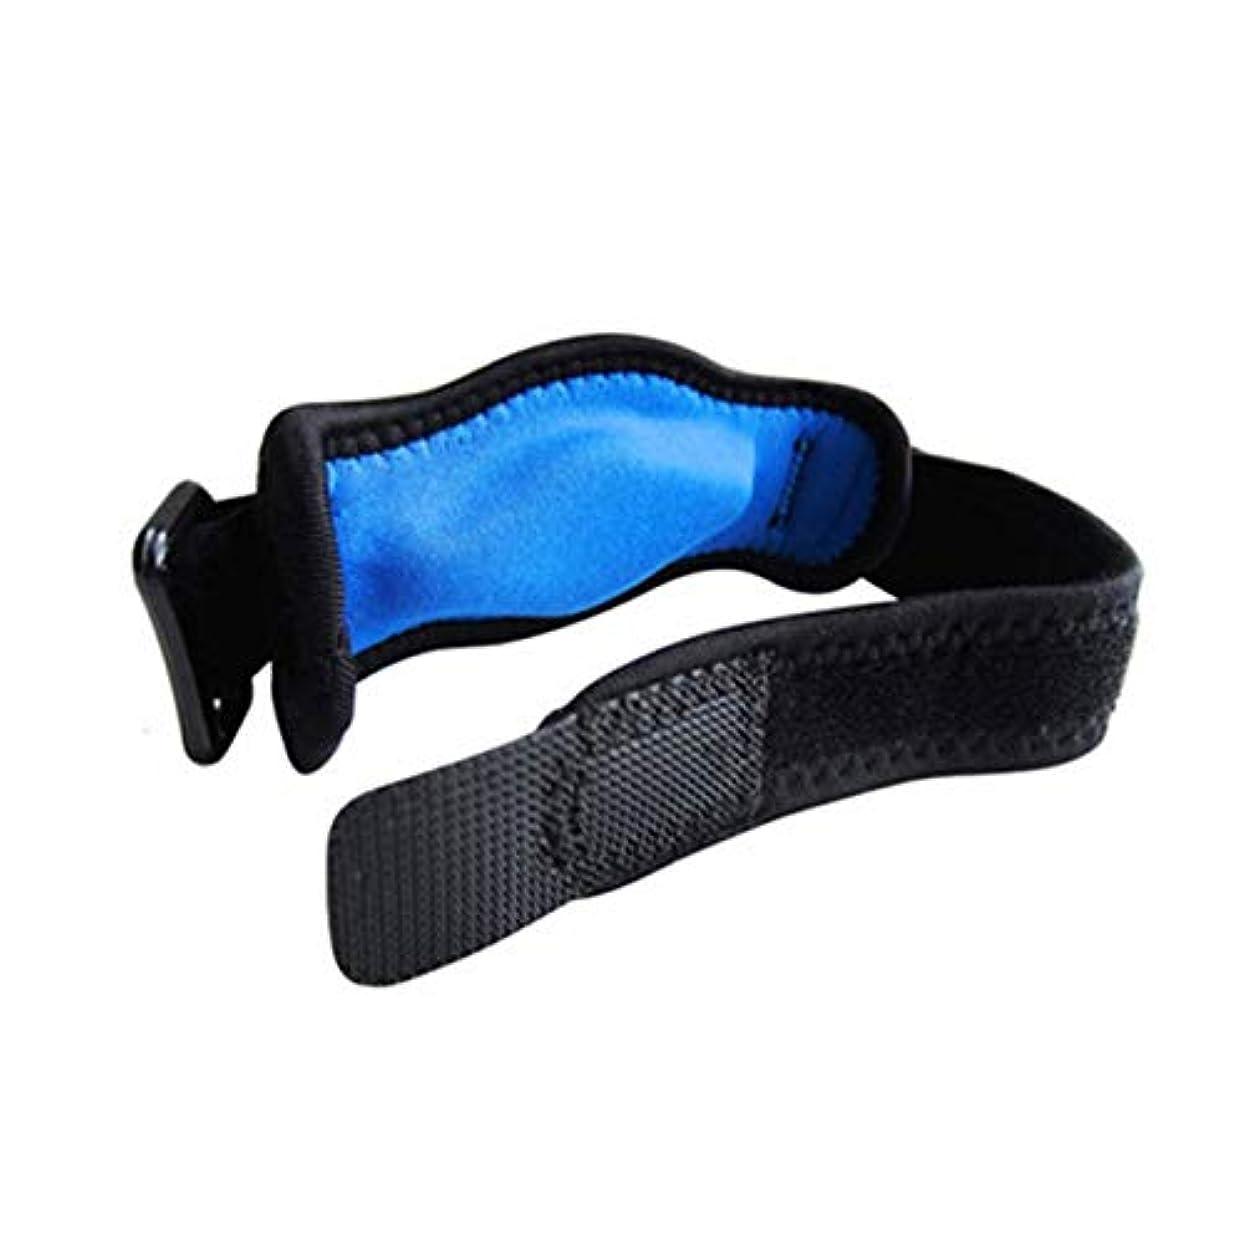 配る捕虜レモンDeeploveUU 調節可能なテニス肘サポートストラップブレースゴルフ前腕痛み緩和